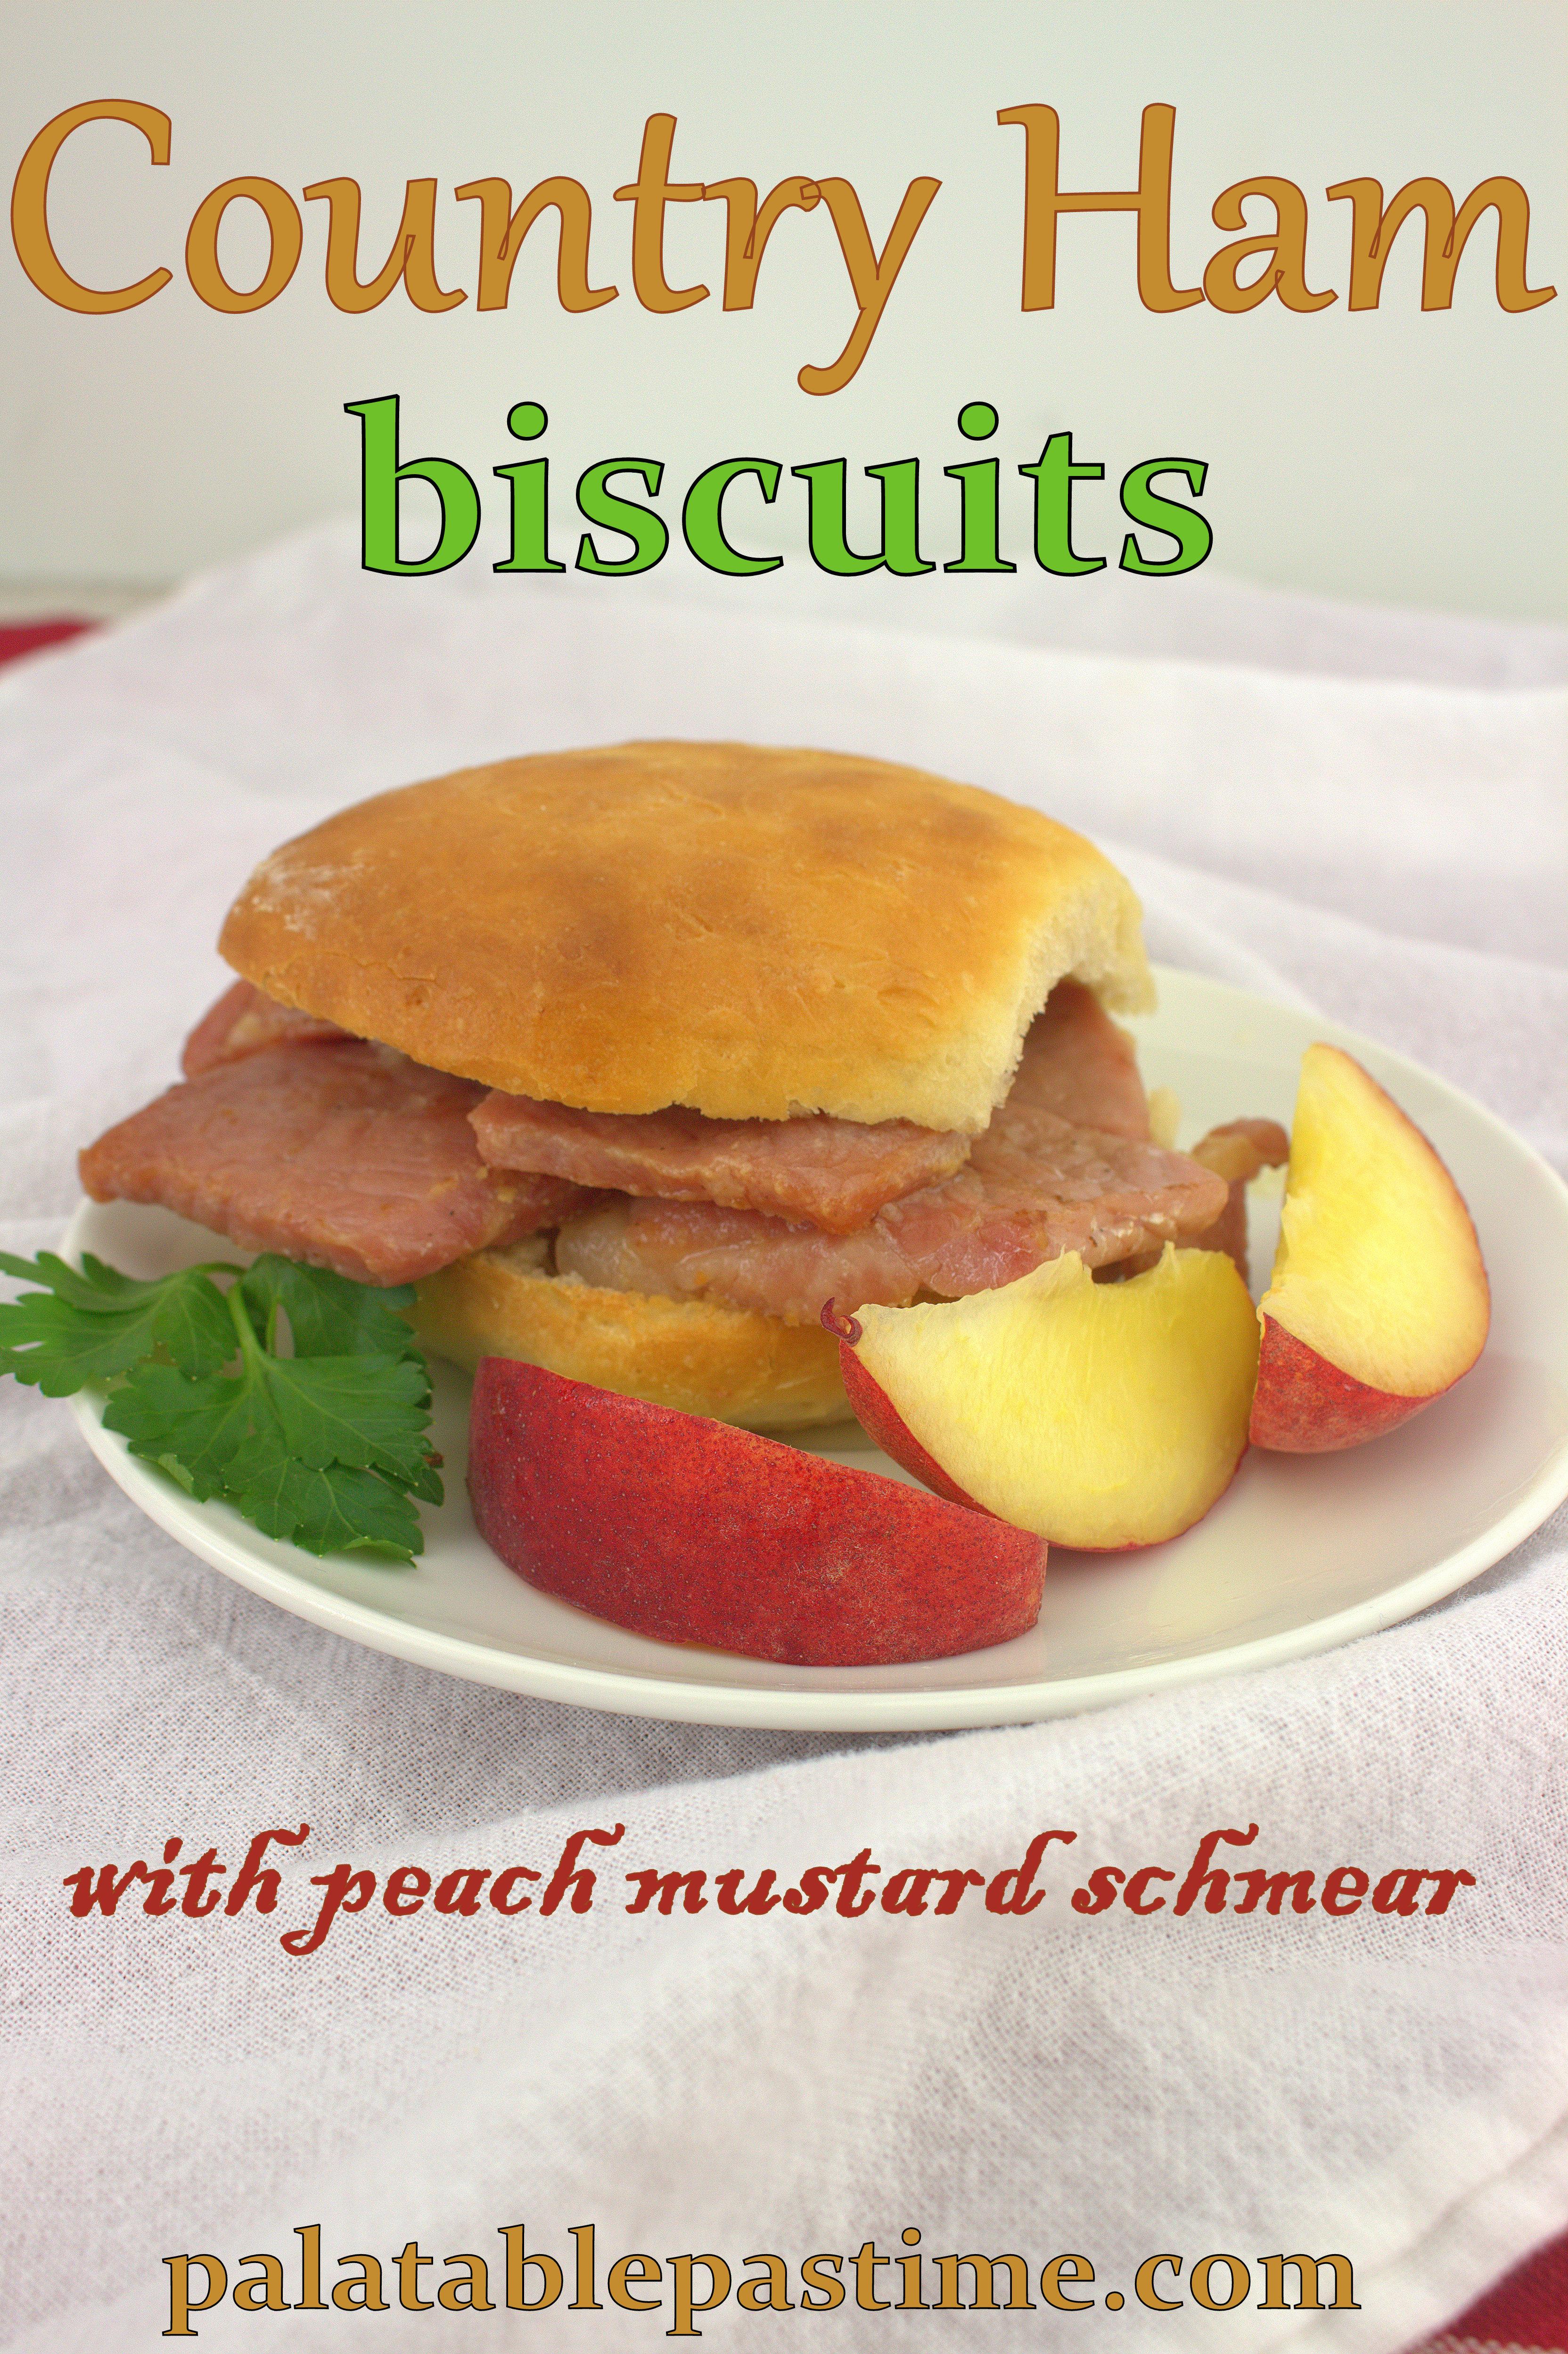 Country Ham Biscuits with Peach Mustard #BrunchWeek # ...